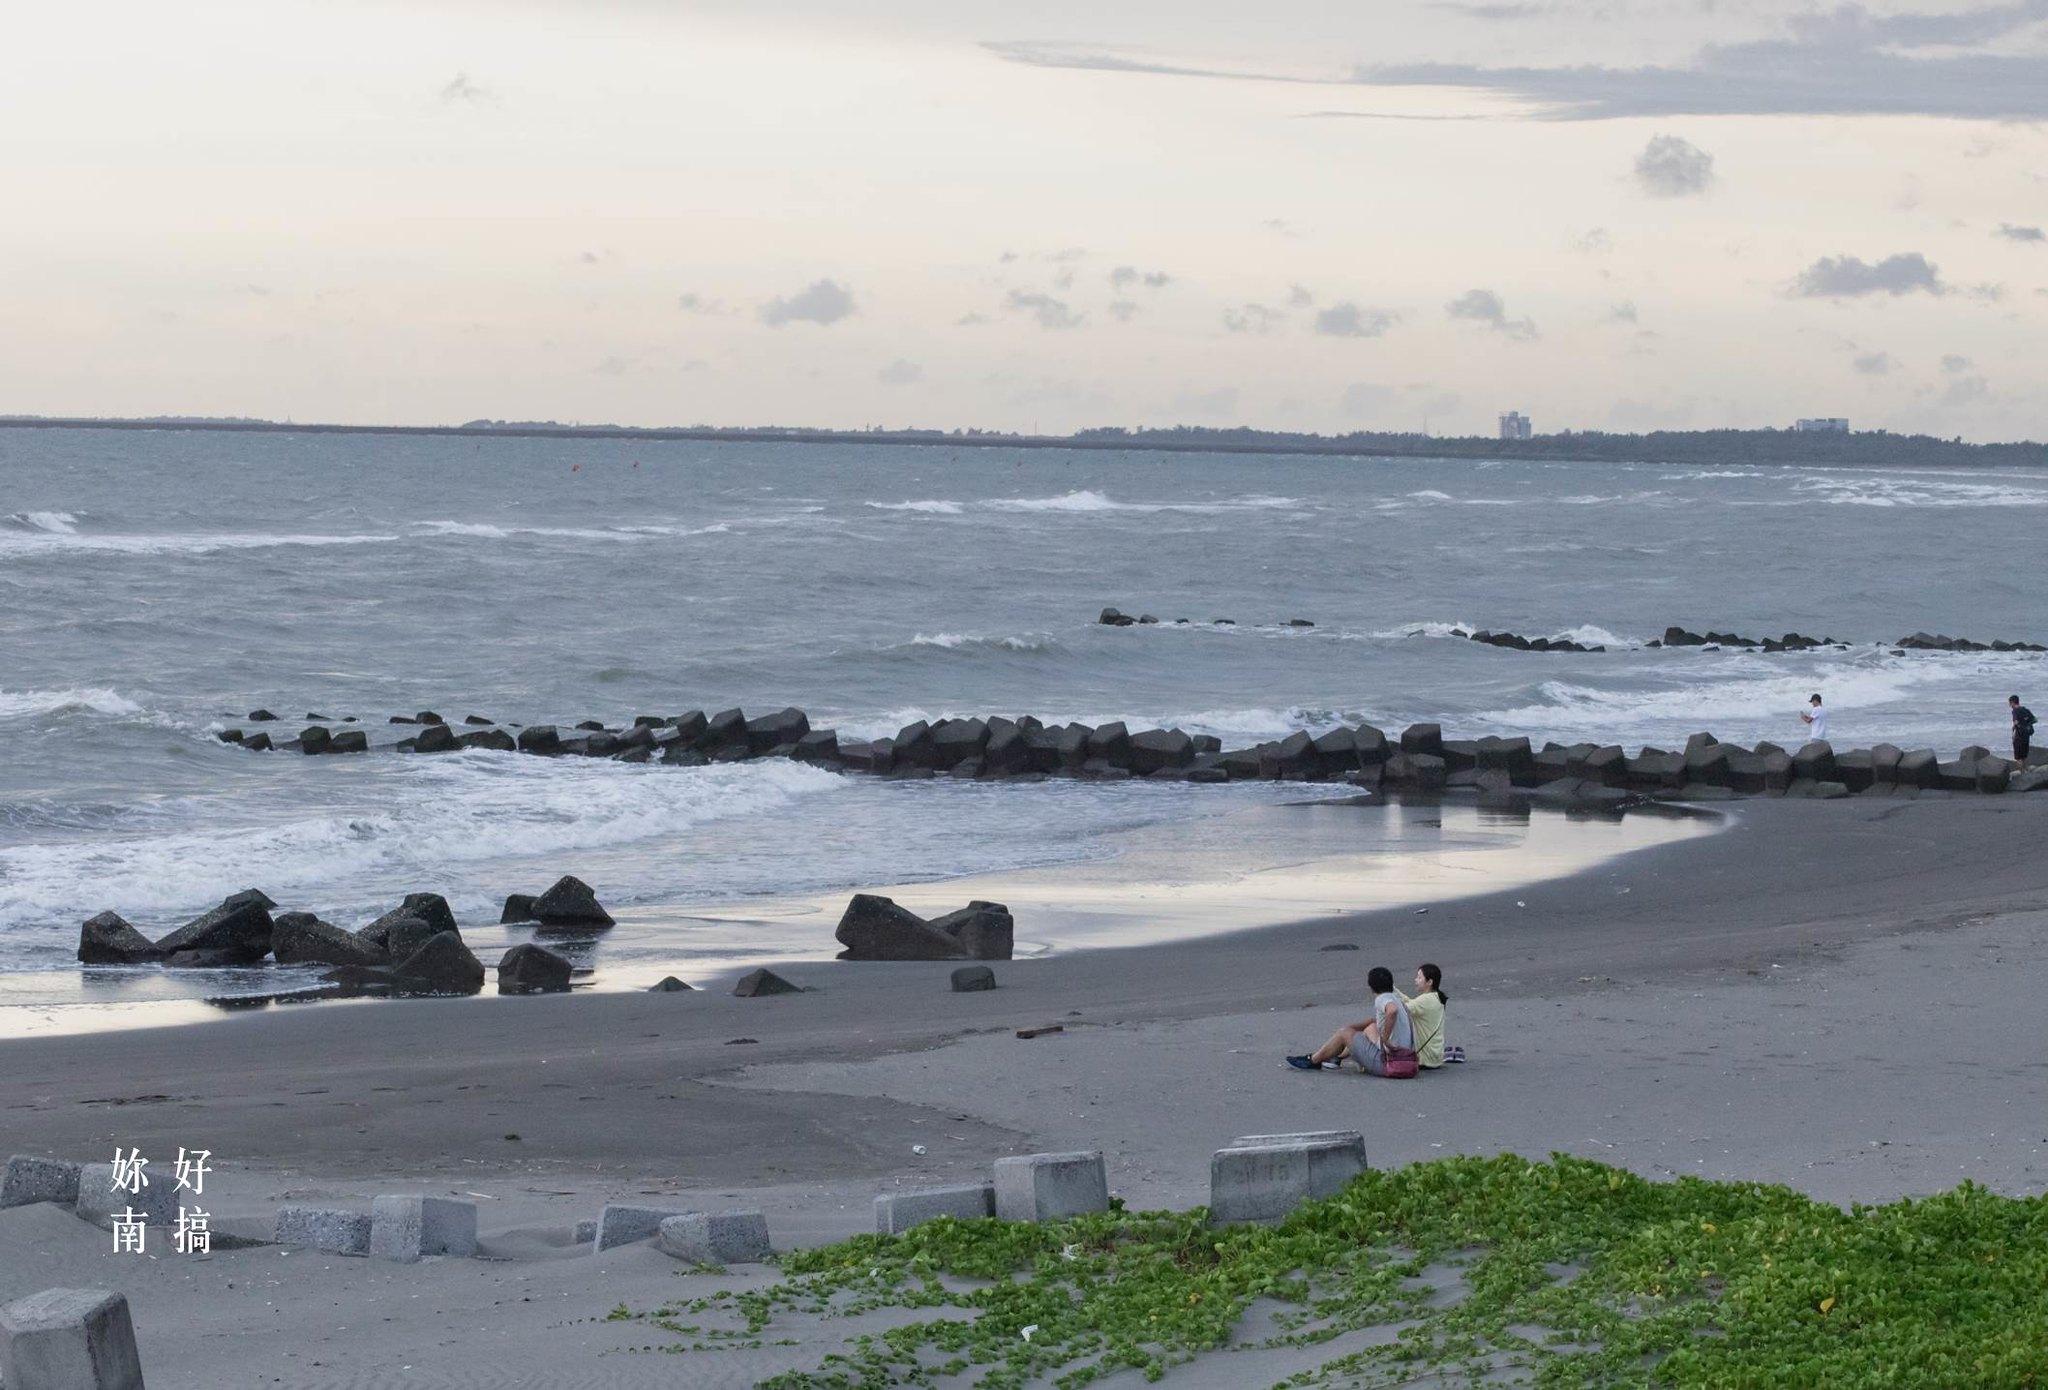 台南看海-黃金海岸